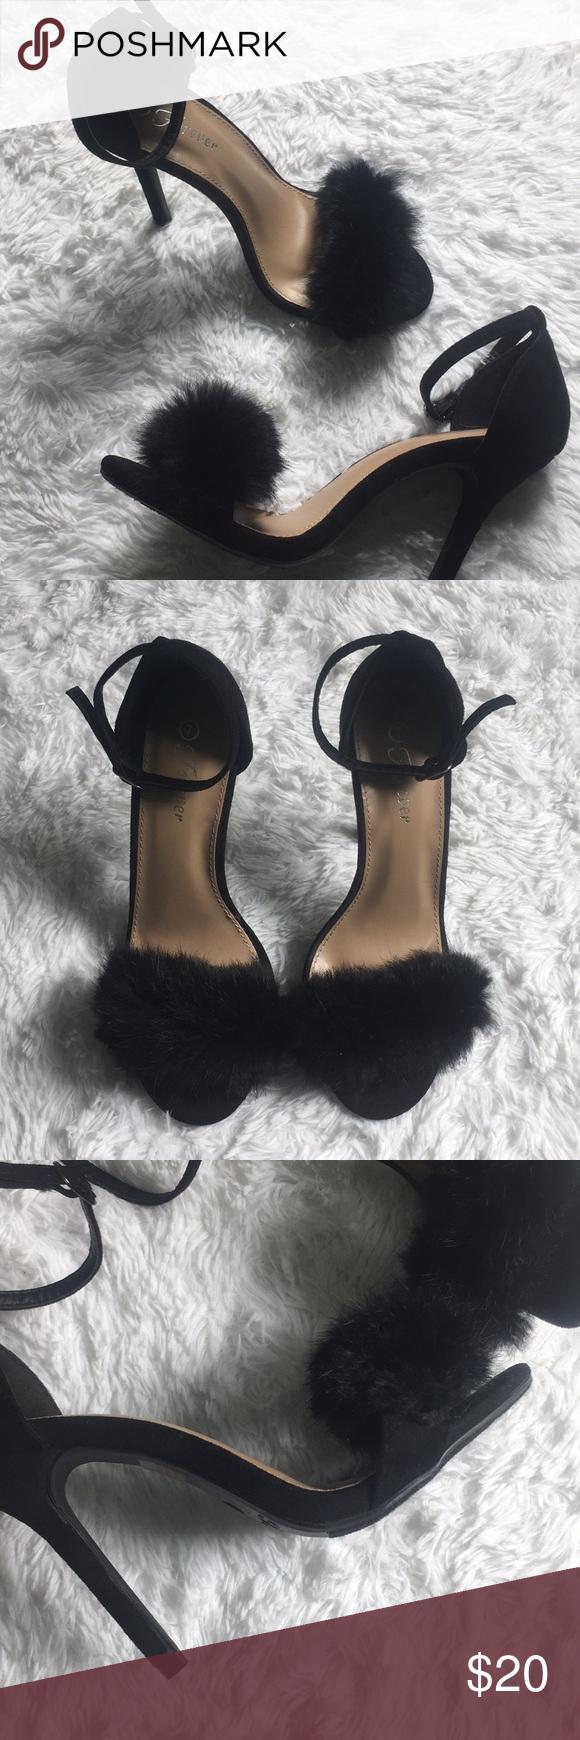 Black Fuzzy Heels Fuzzy Heels Heels Black Sandals Style